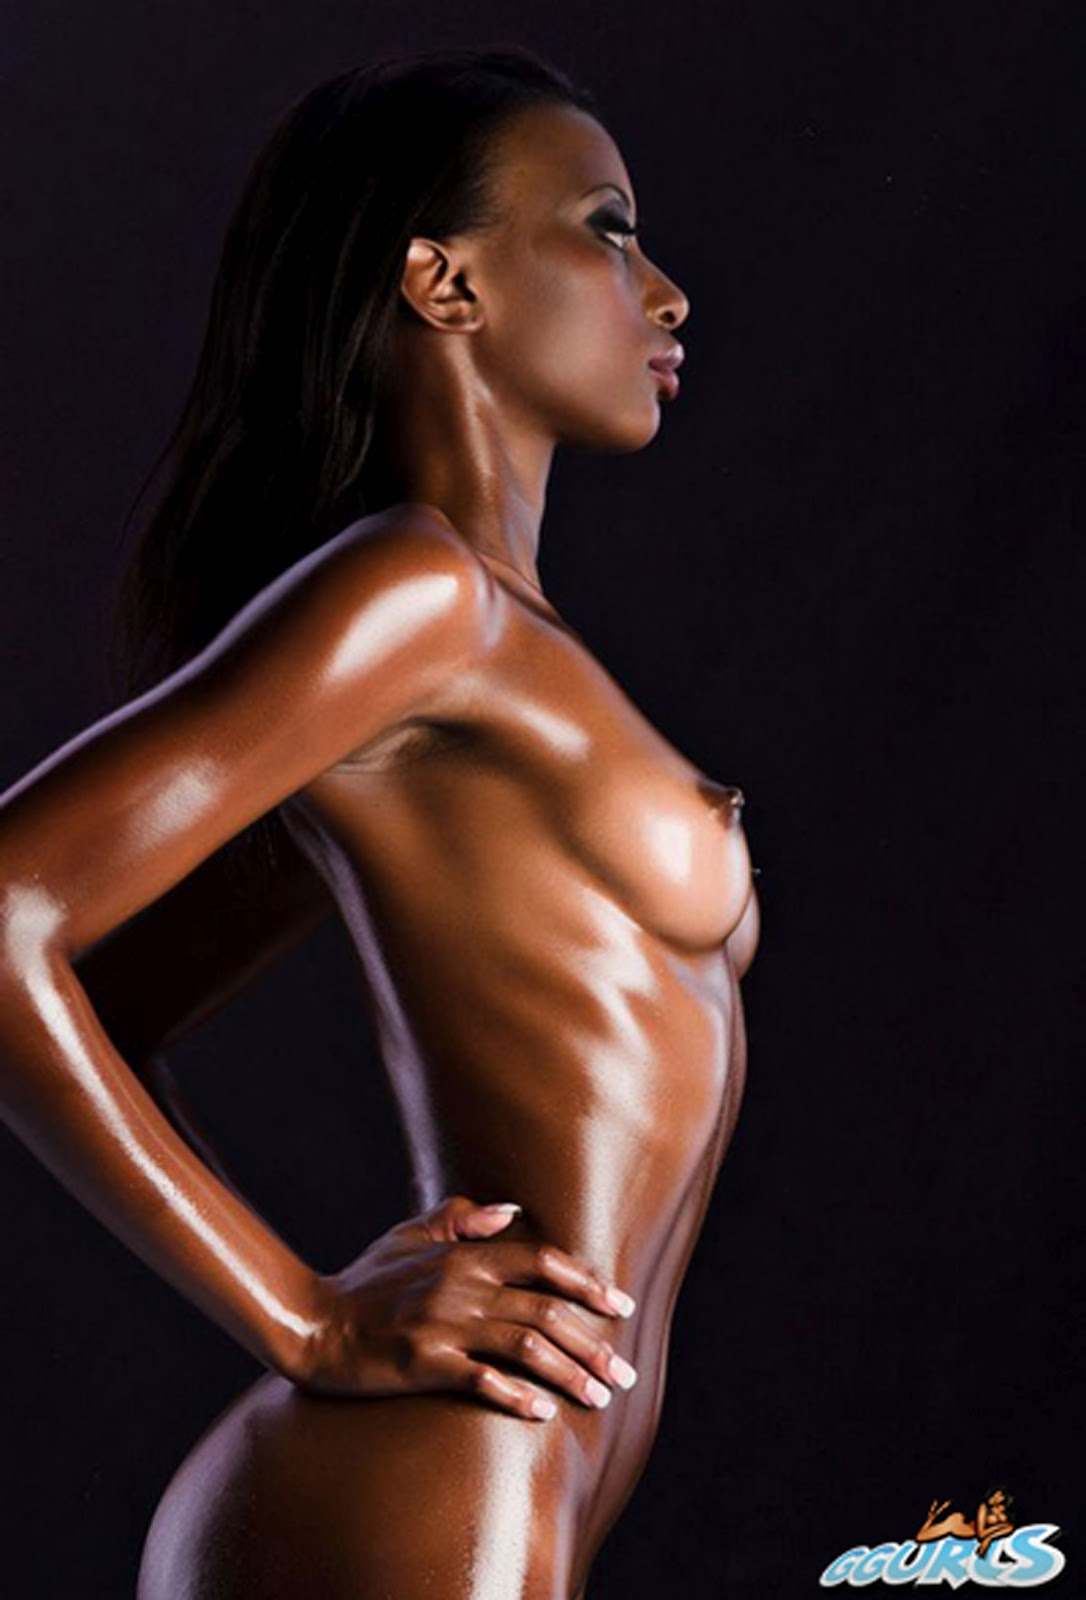 Эротические фото красивых темнокожих женщин 6 фотография